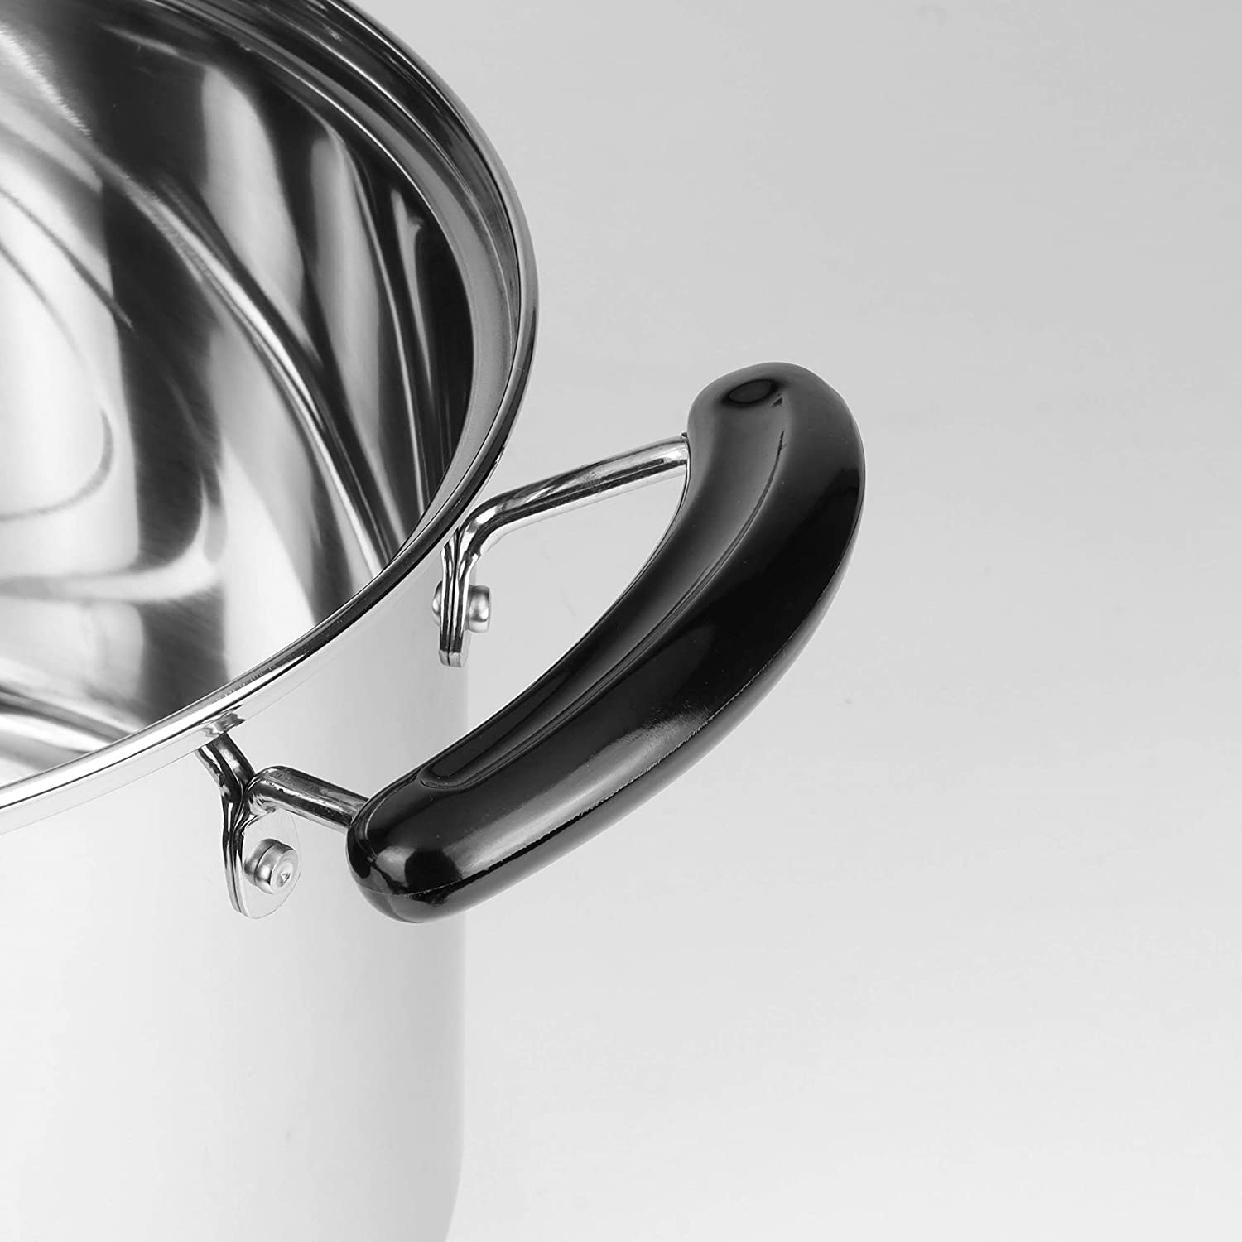 パール金属(パールキンゾク)NEWだんらん ステンレス製ガラス蓋付兼用鍋 H-5872の商品画像8